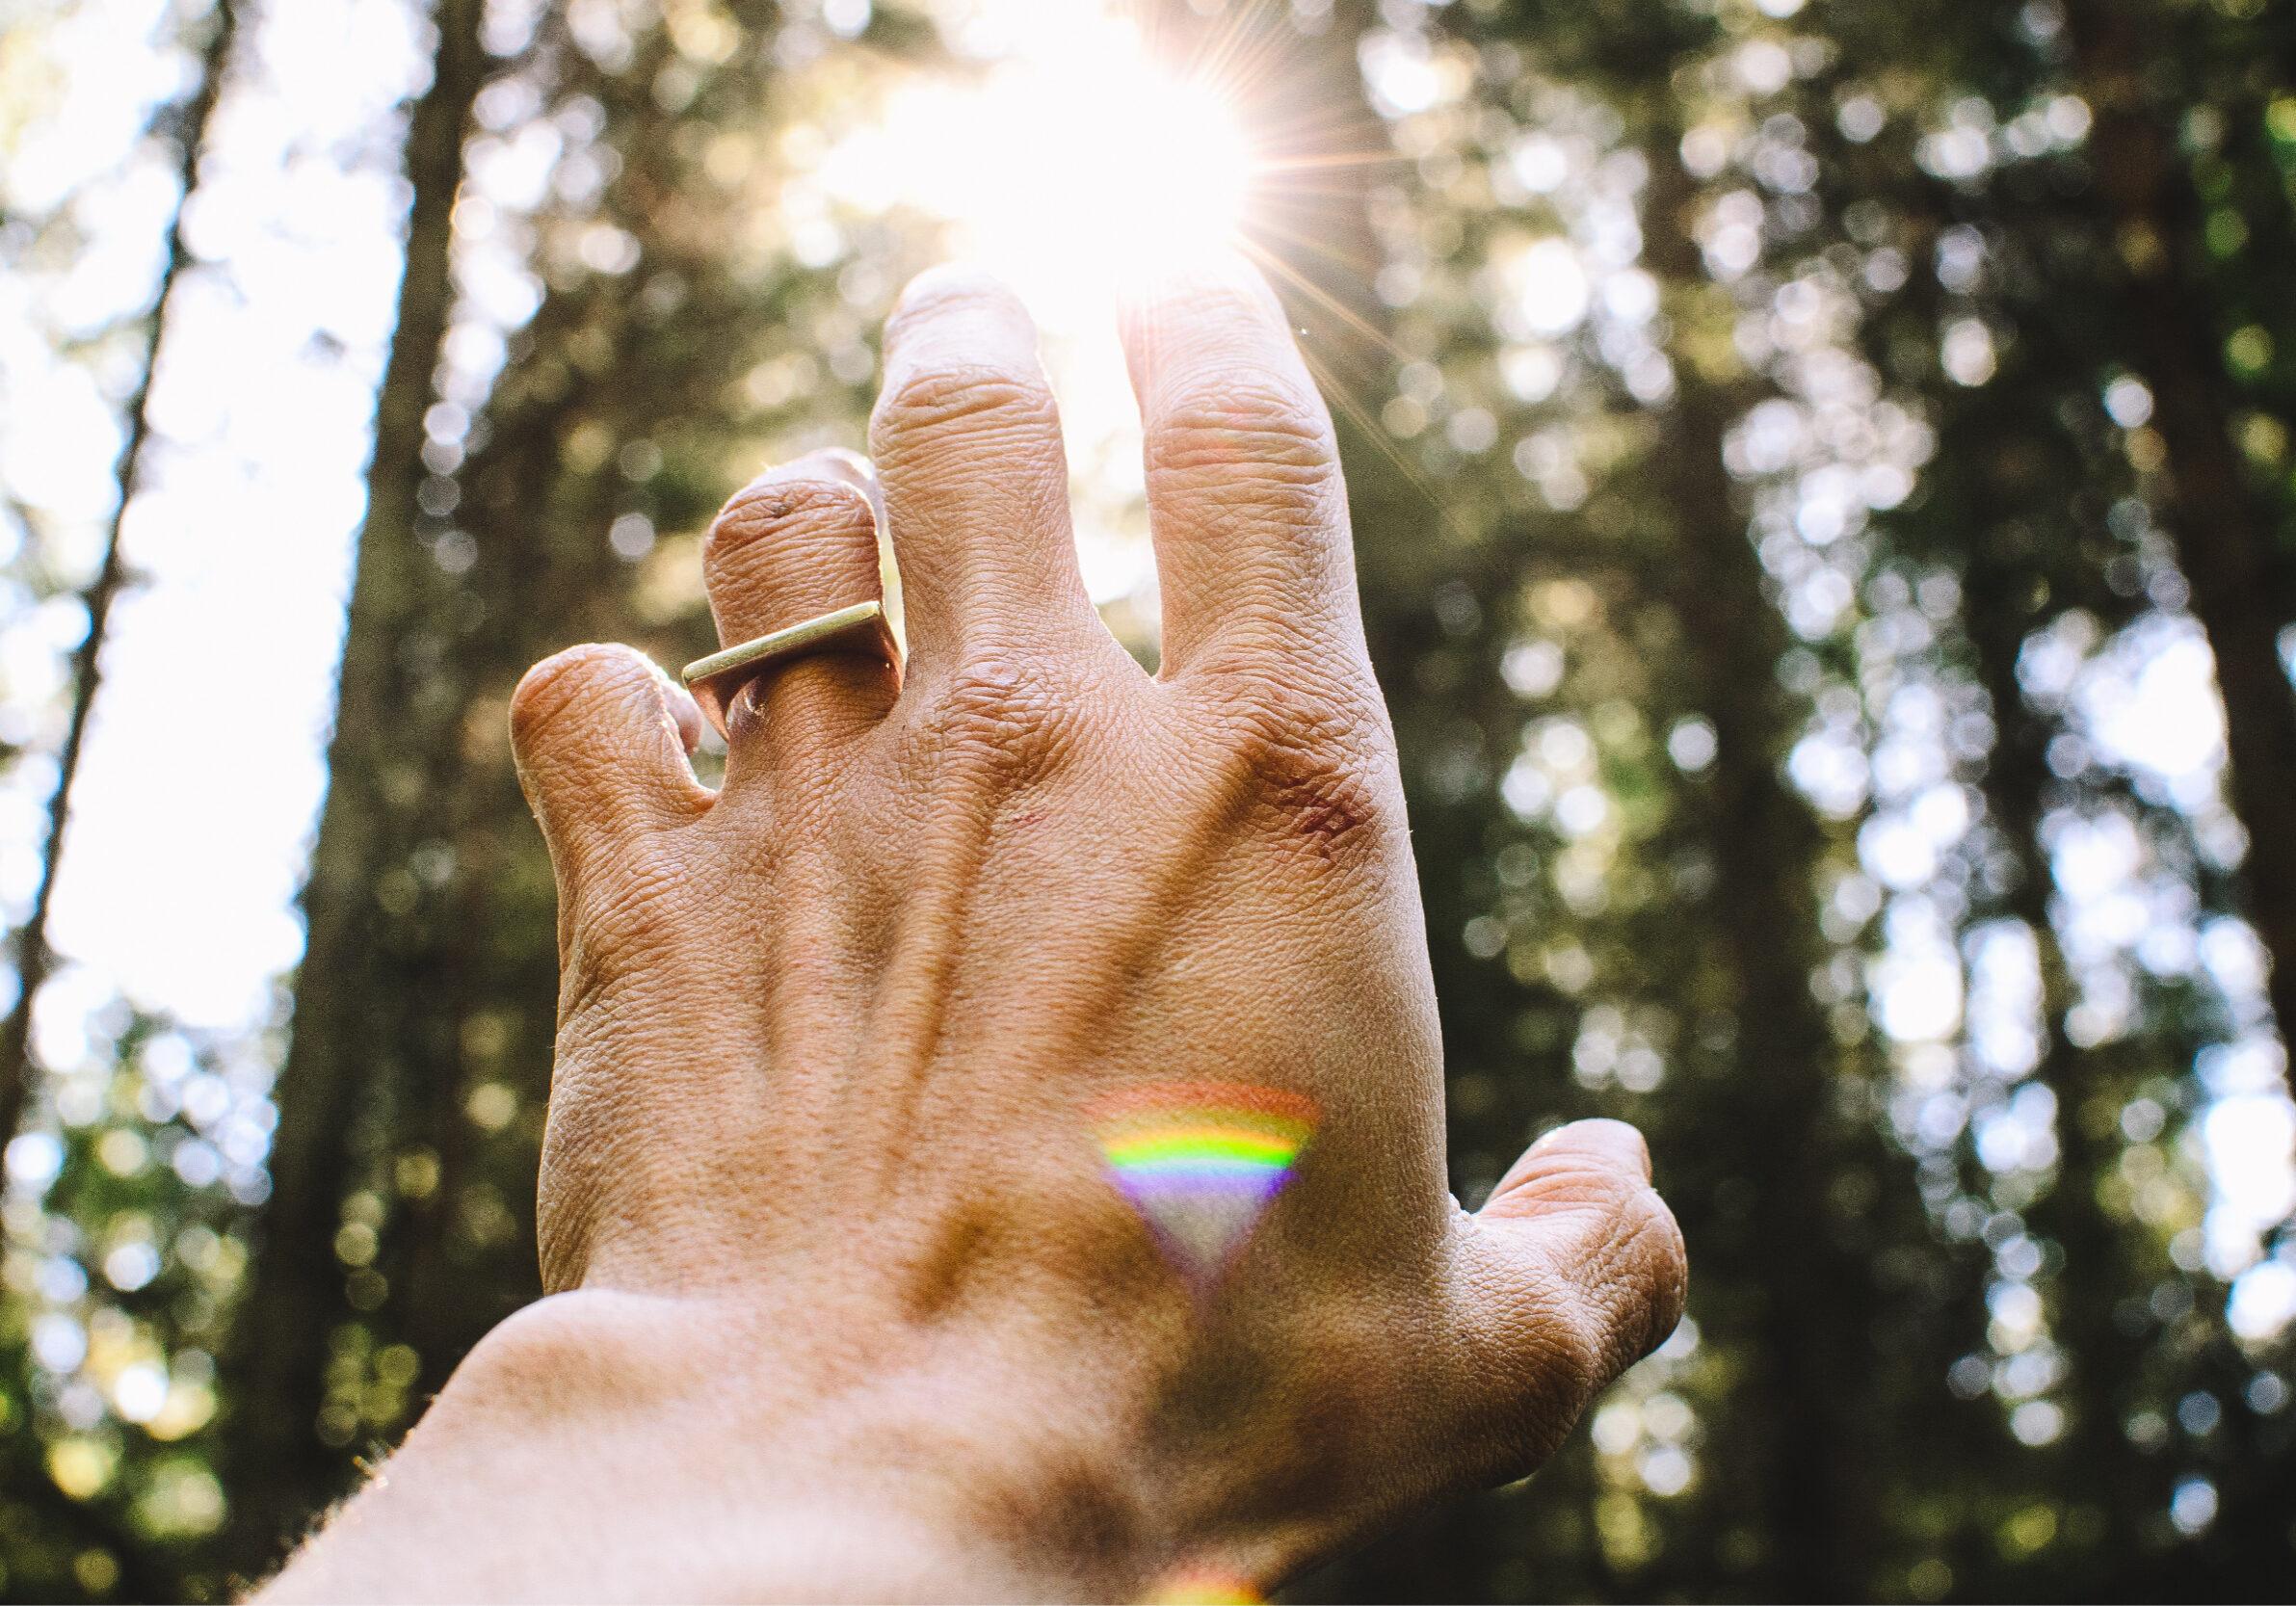 Uitgestrekte hand in het bos naar de zon